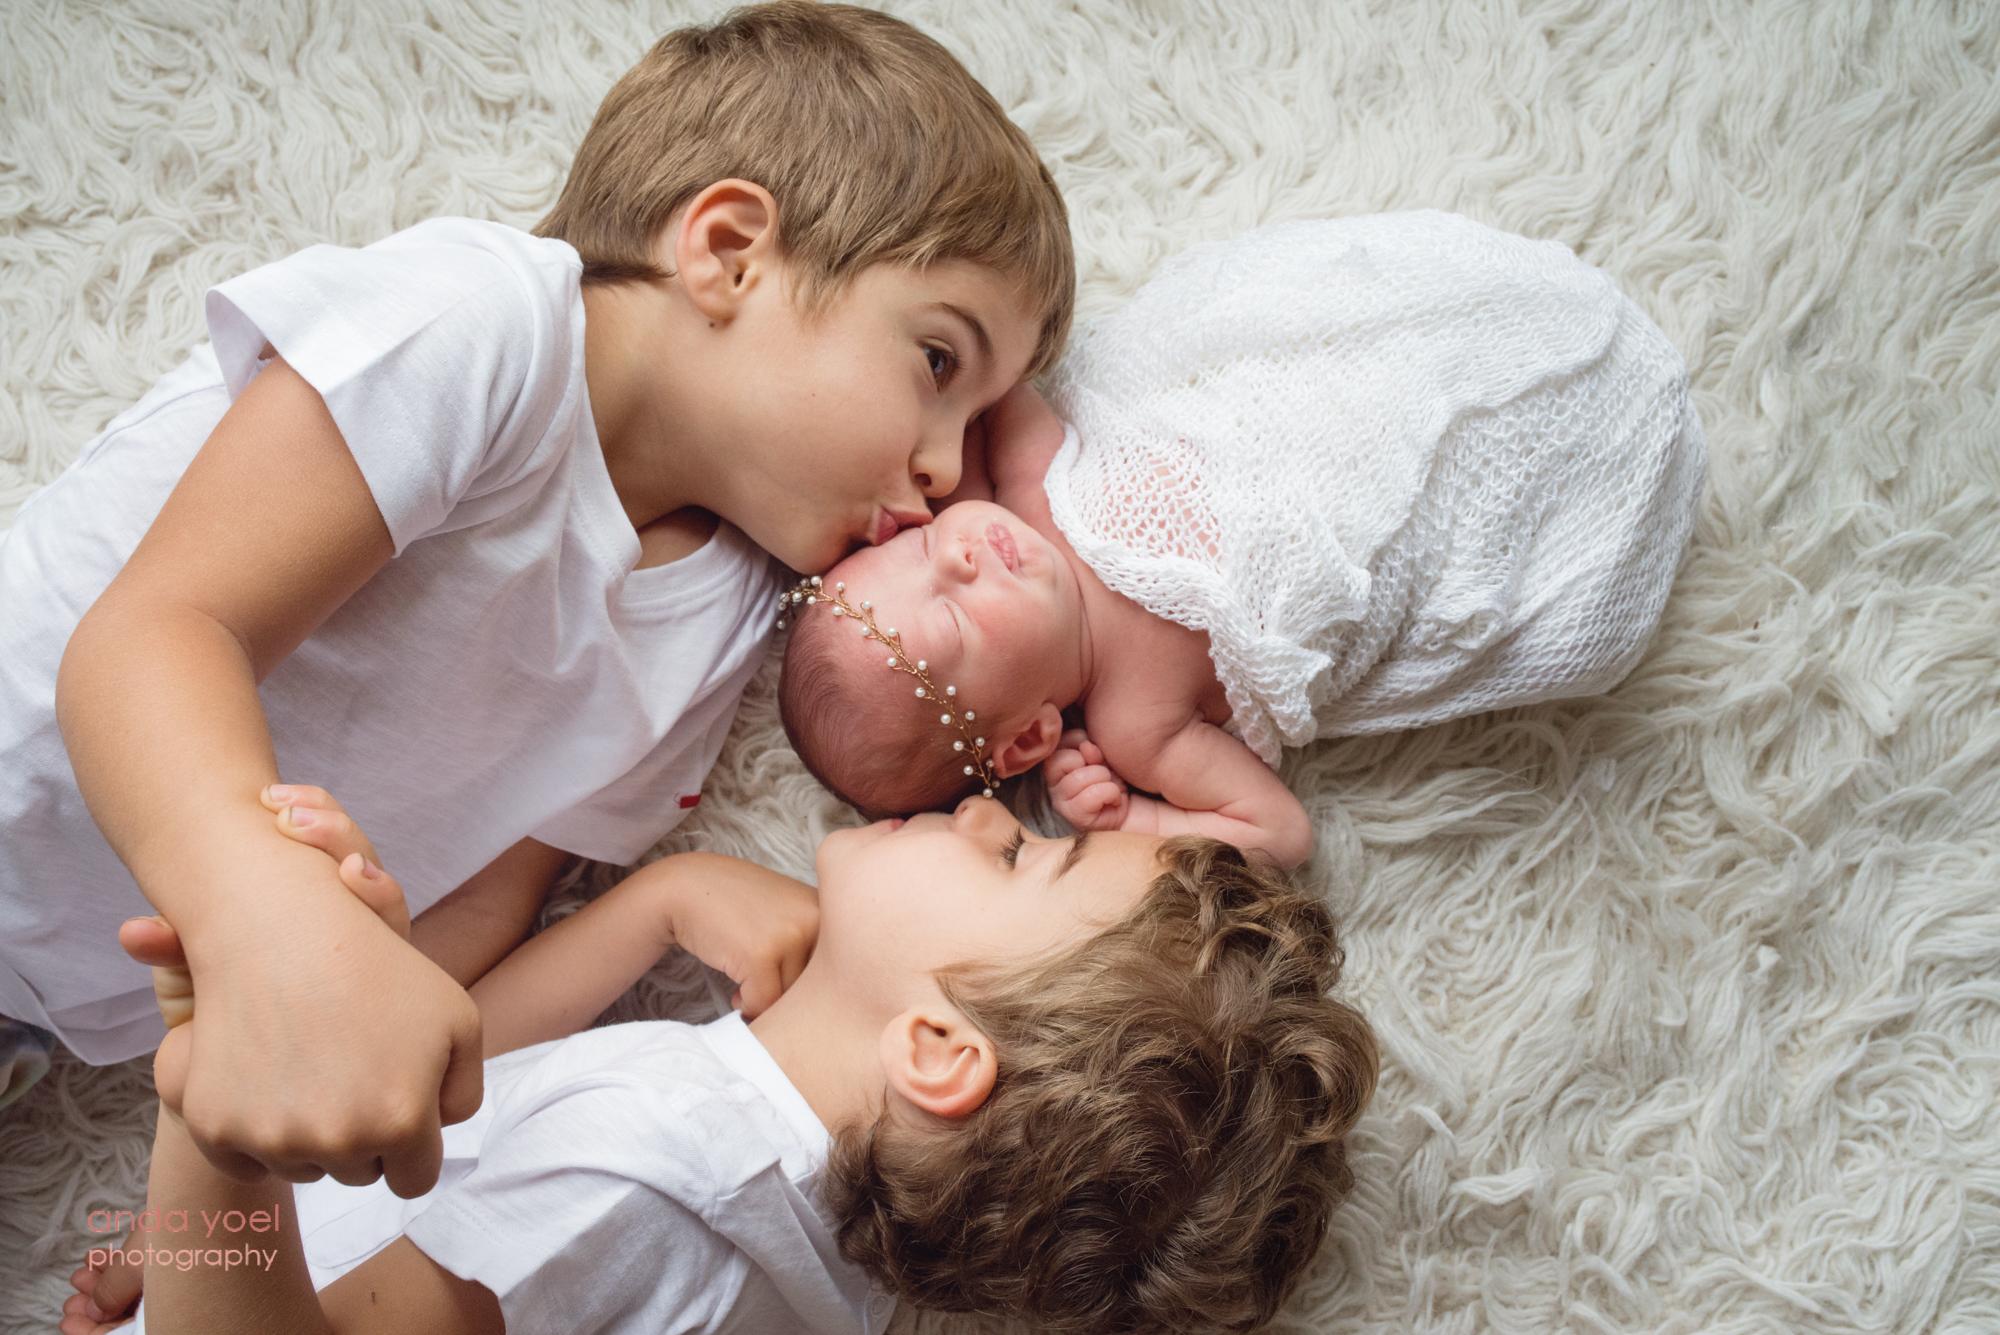 אחים תאומים מנשקים את האחות התינוקת - צילומי ניובורן אחרי טיפולי פוריות